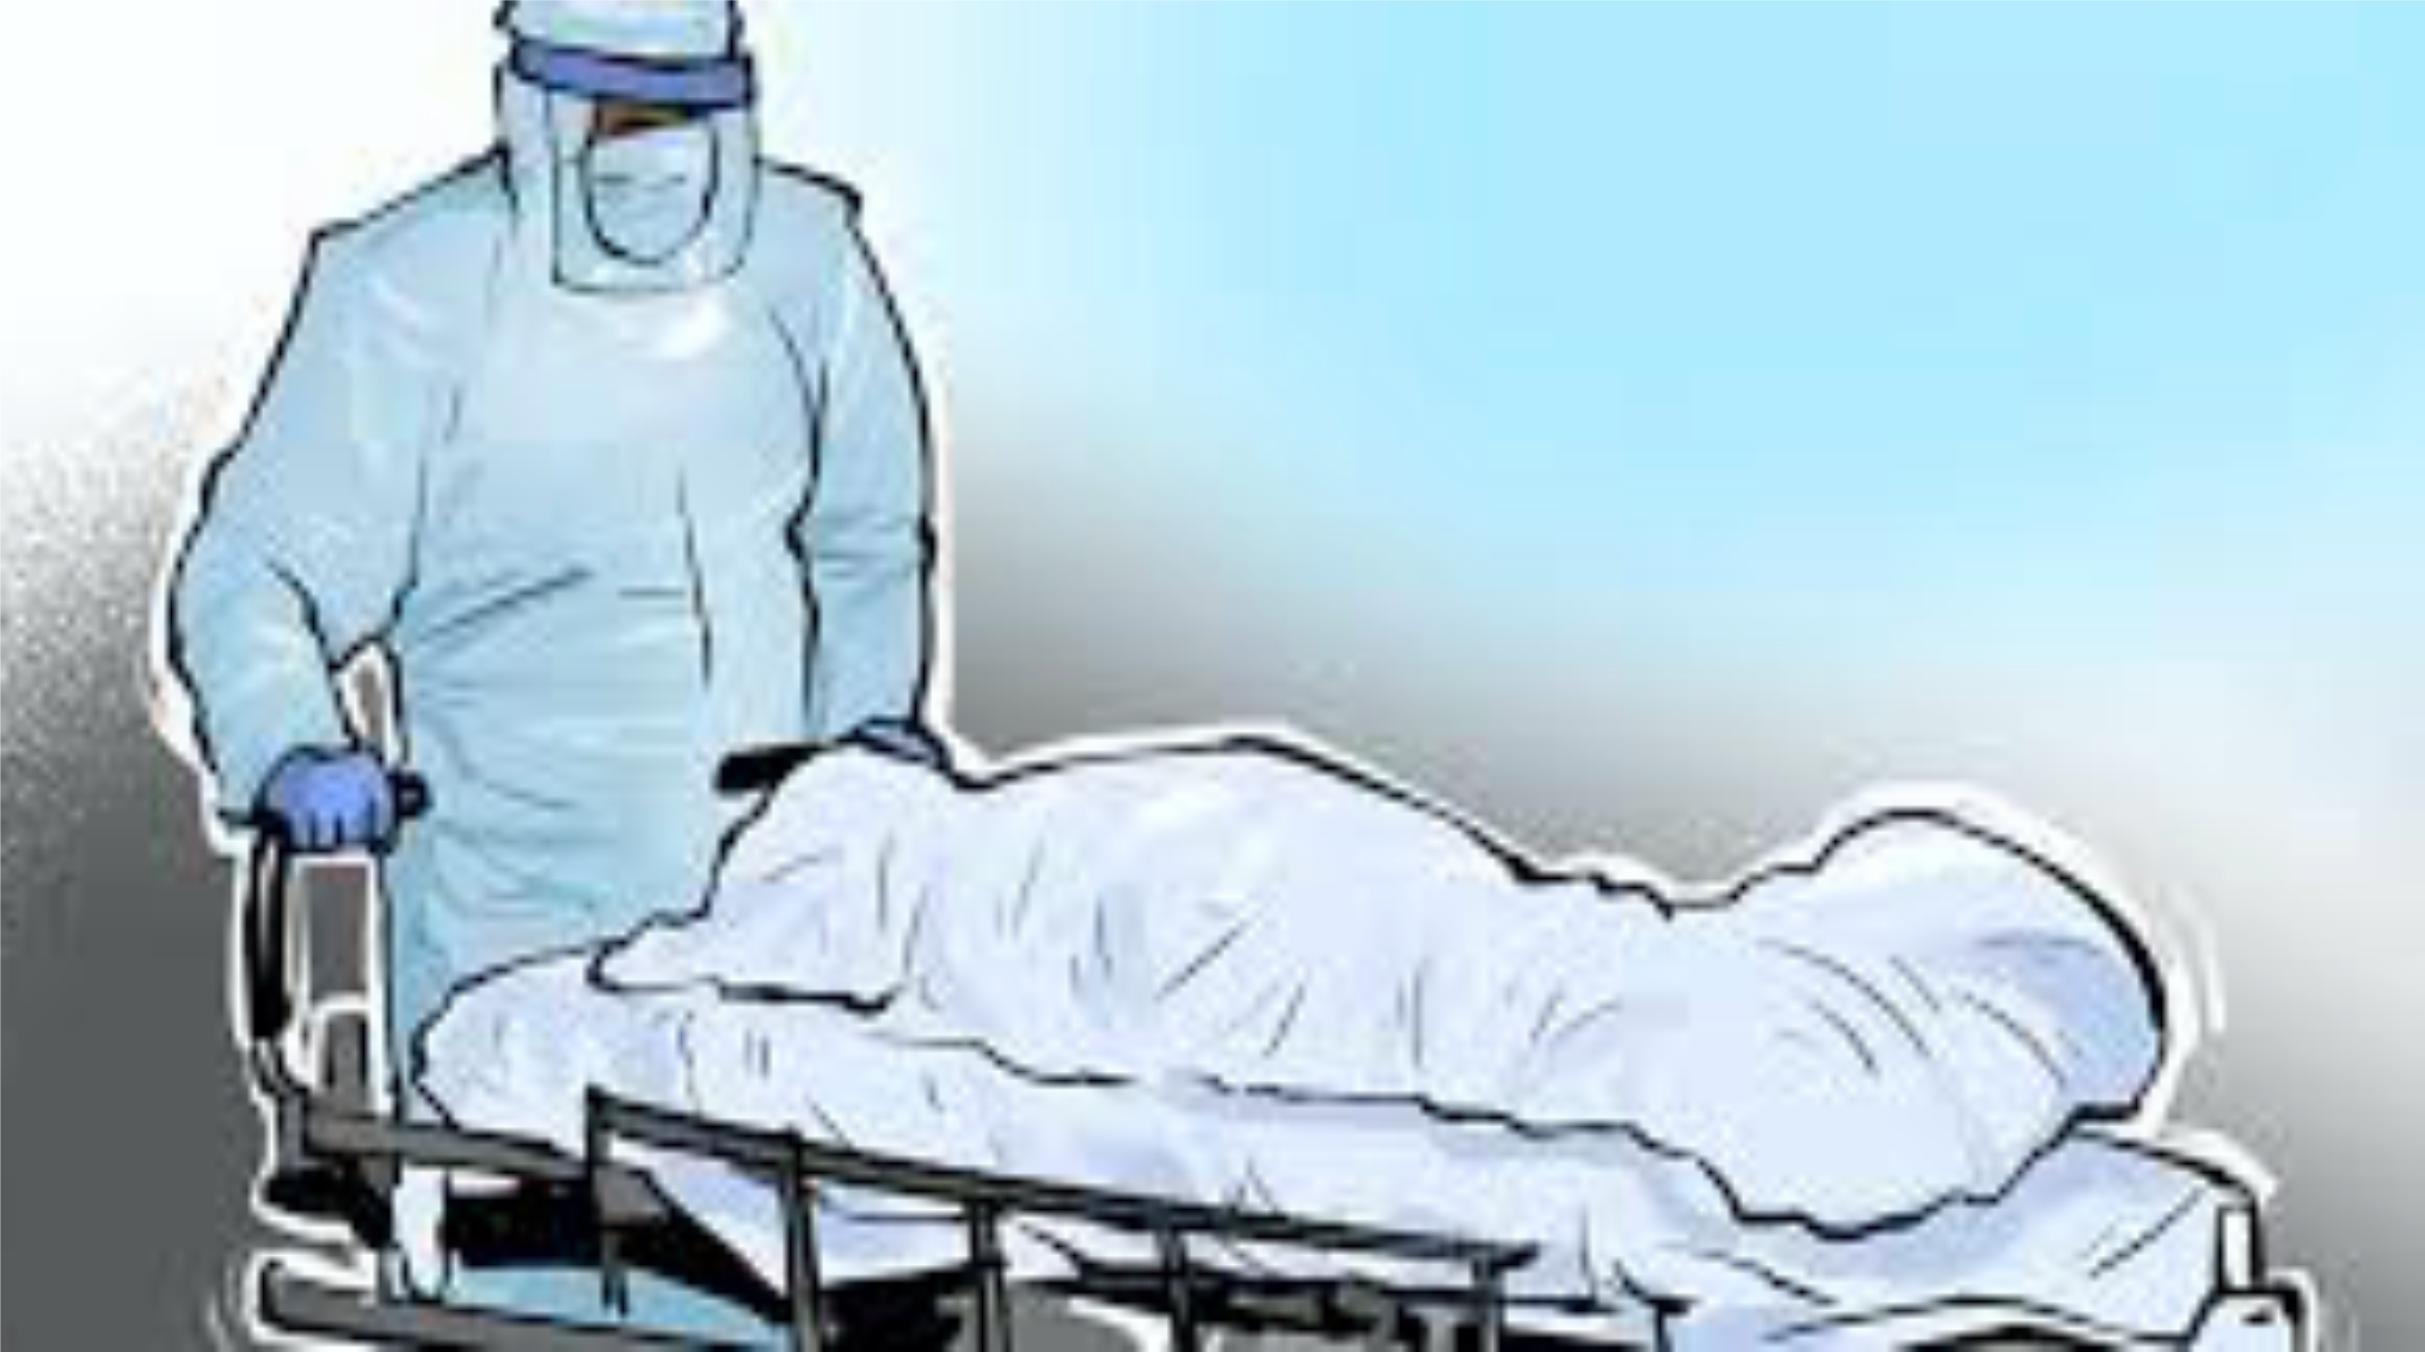 मिक्लाजुङको रवि बजारमा कोरोना संक्रमणबाट एक व्यक्तिको मृत्यु